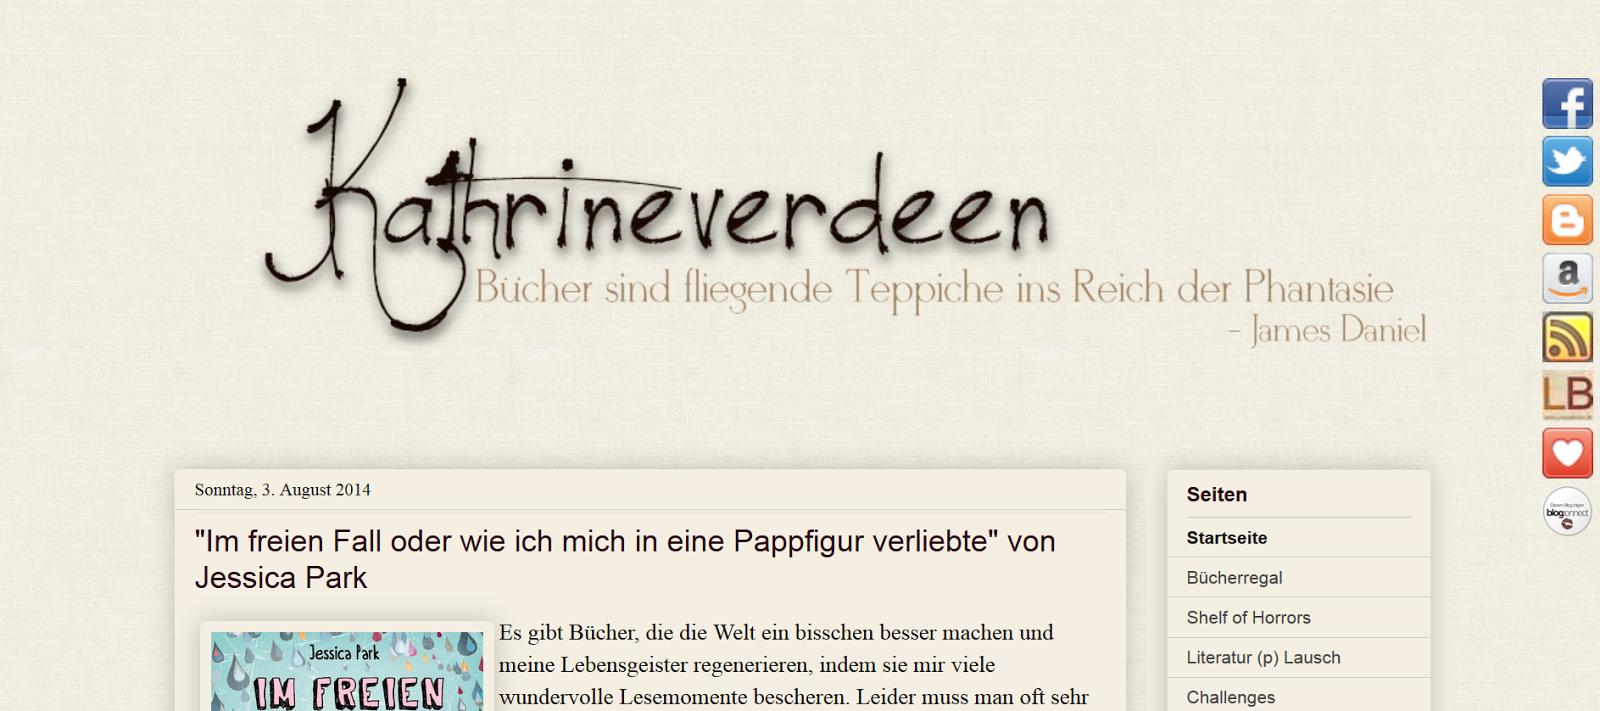 http://kathrineverdeen.blogspot.de/